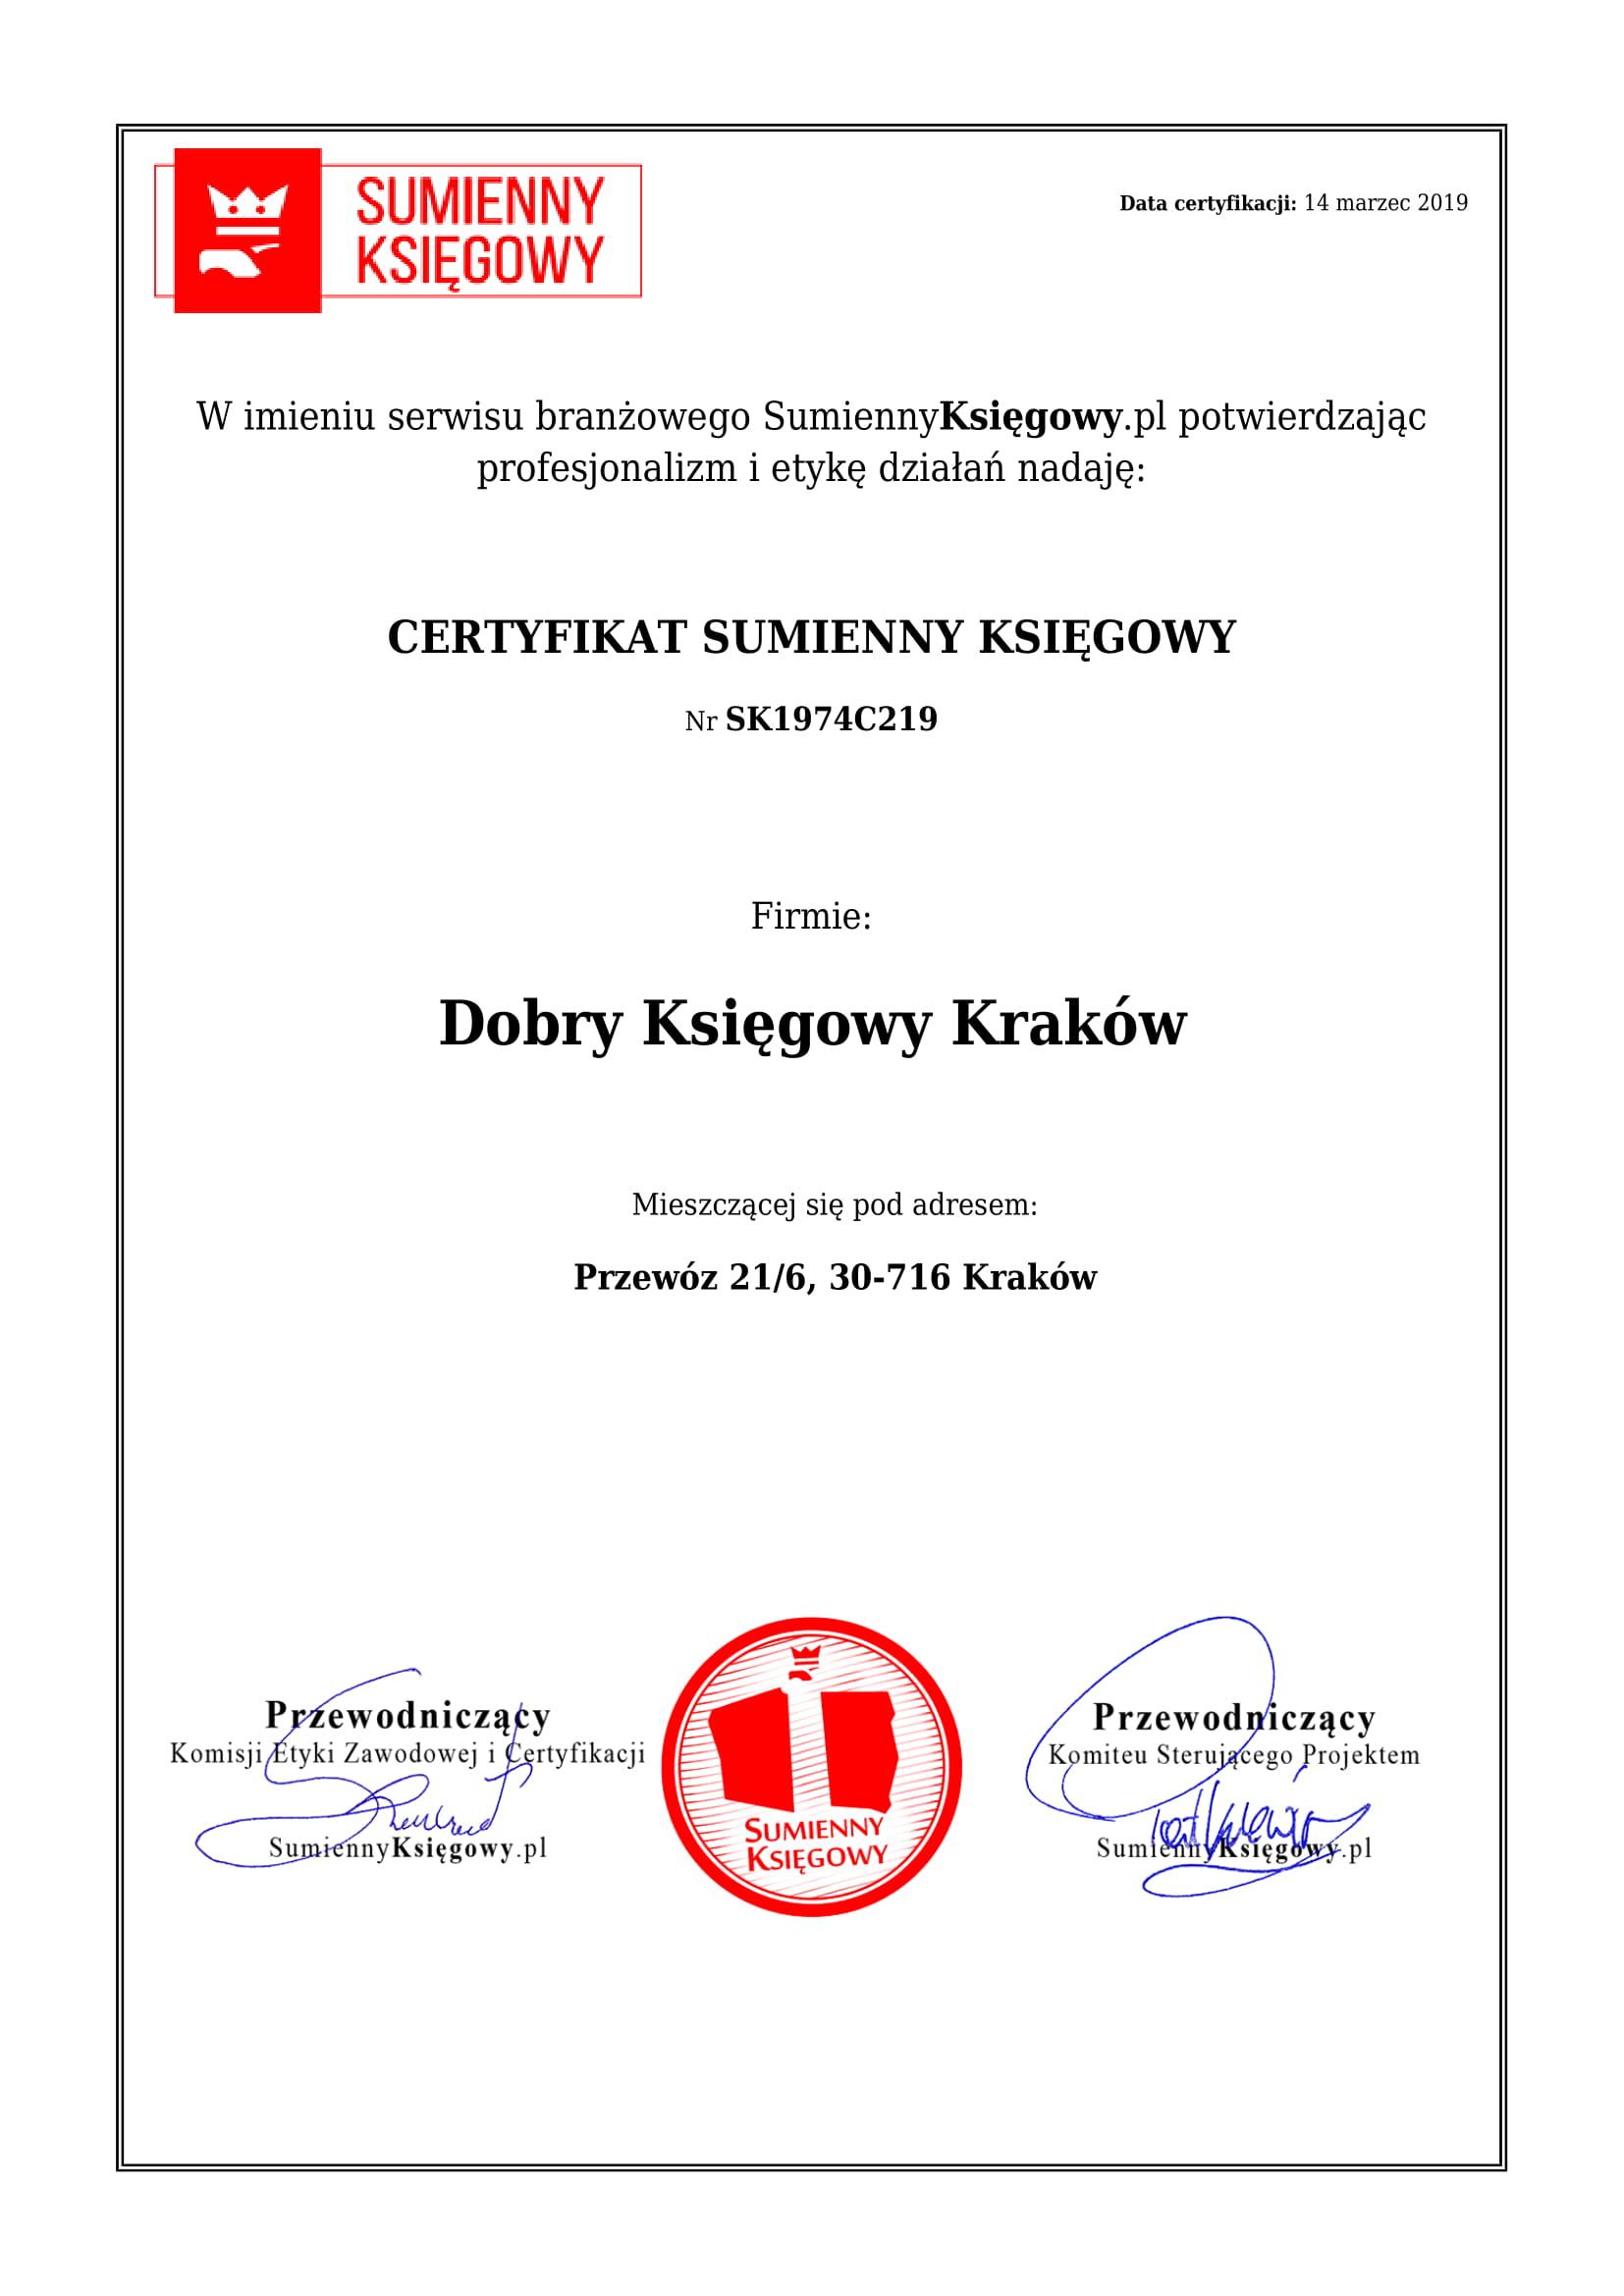 Certyfikat Dobry Księgowy Kraków